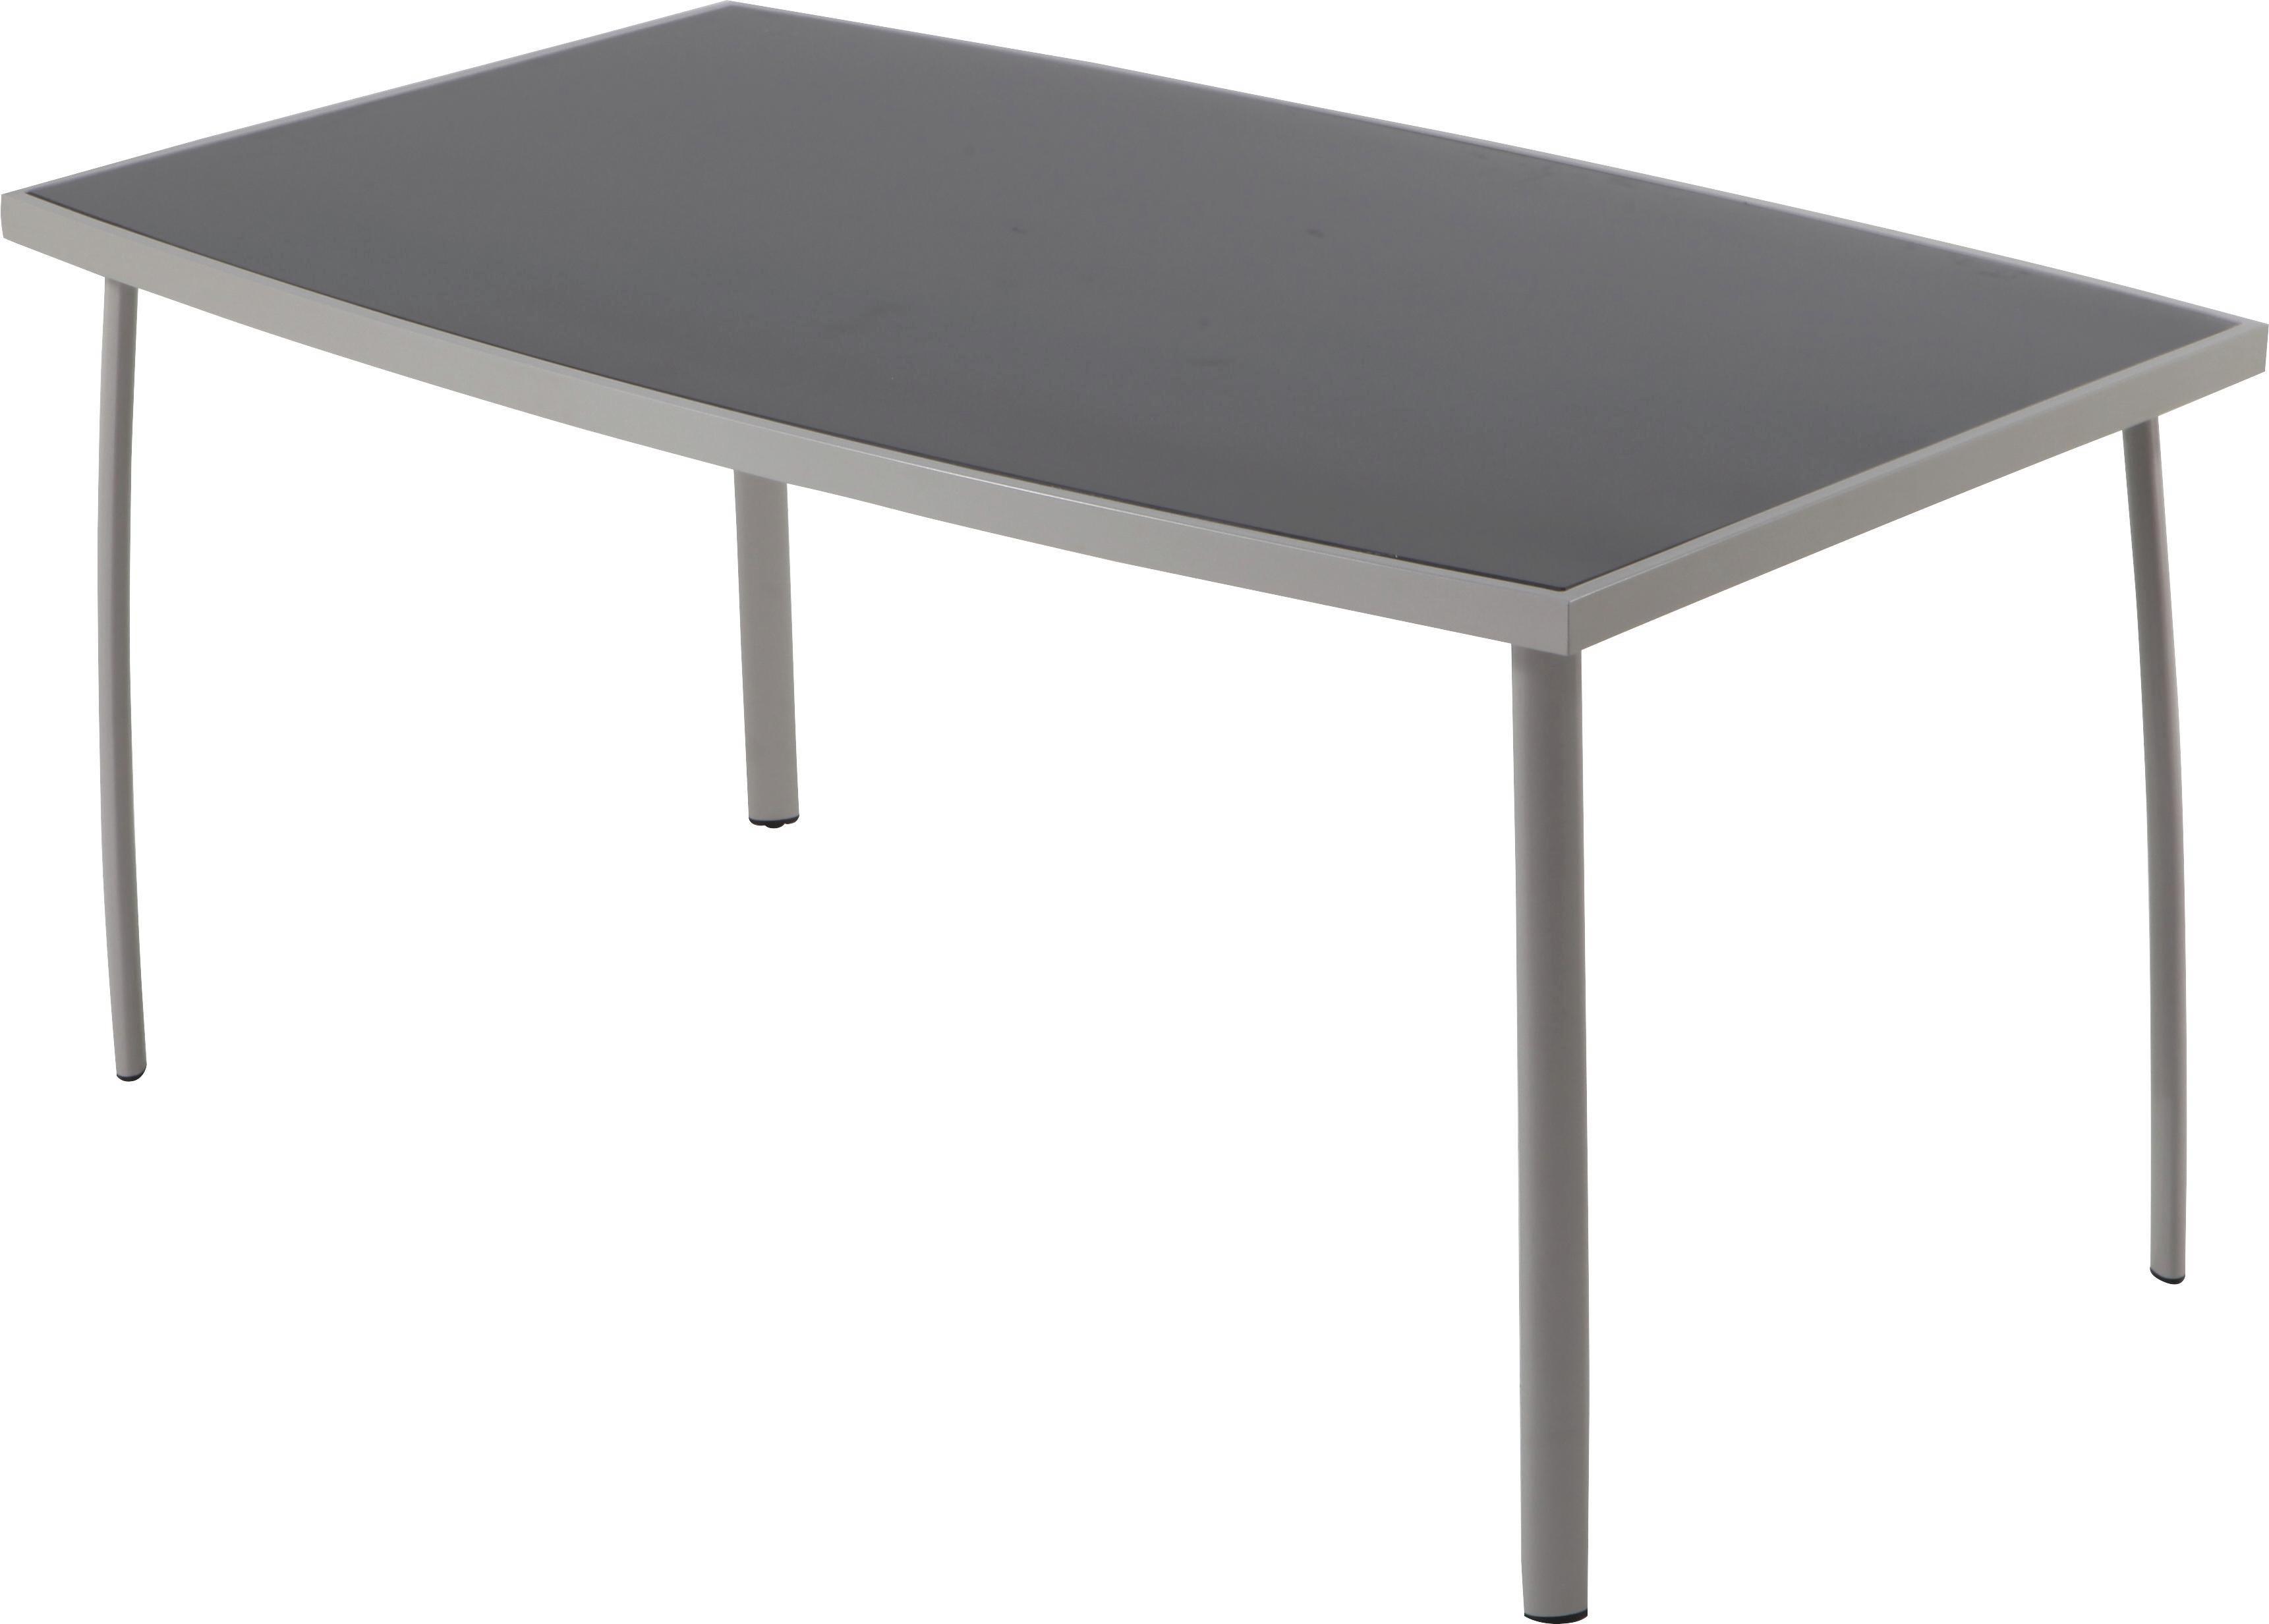 gartentisch online kaufen gallery of sylt with. Black Bedroom Furniture Sets. Home Design Ideas